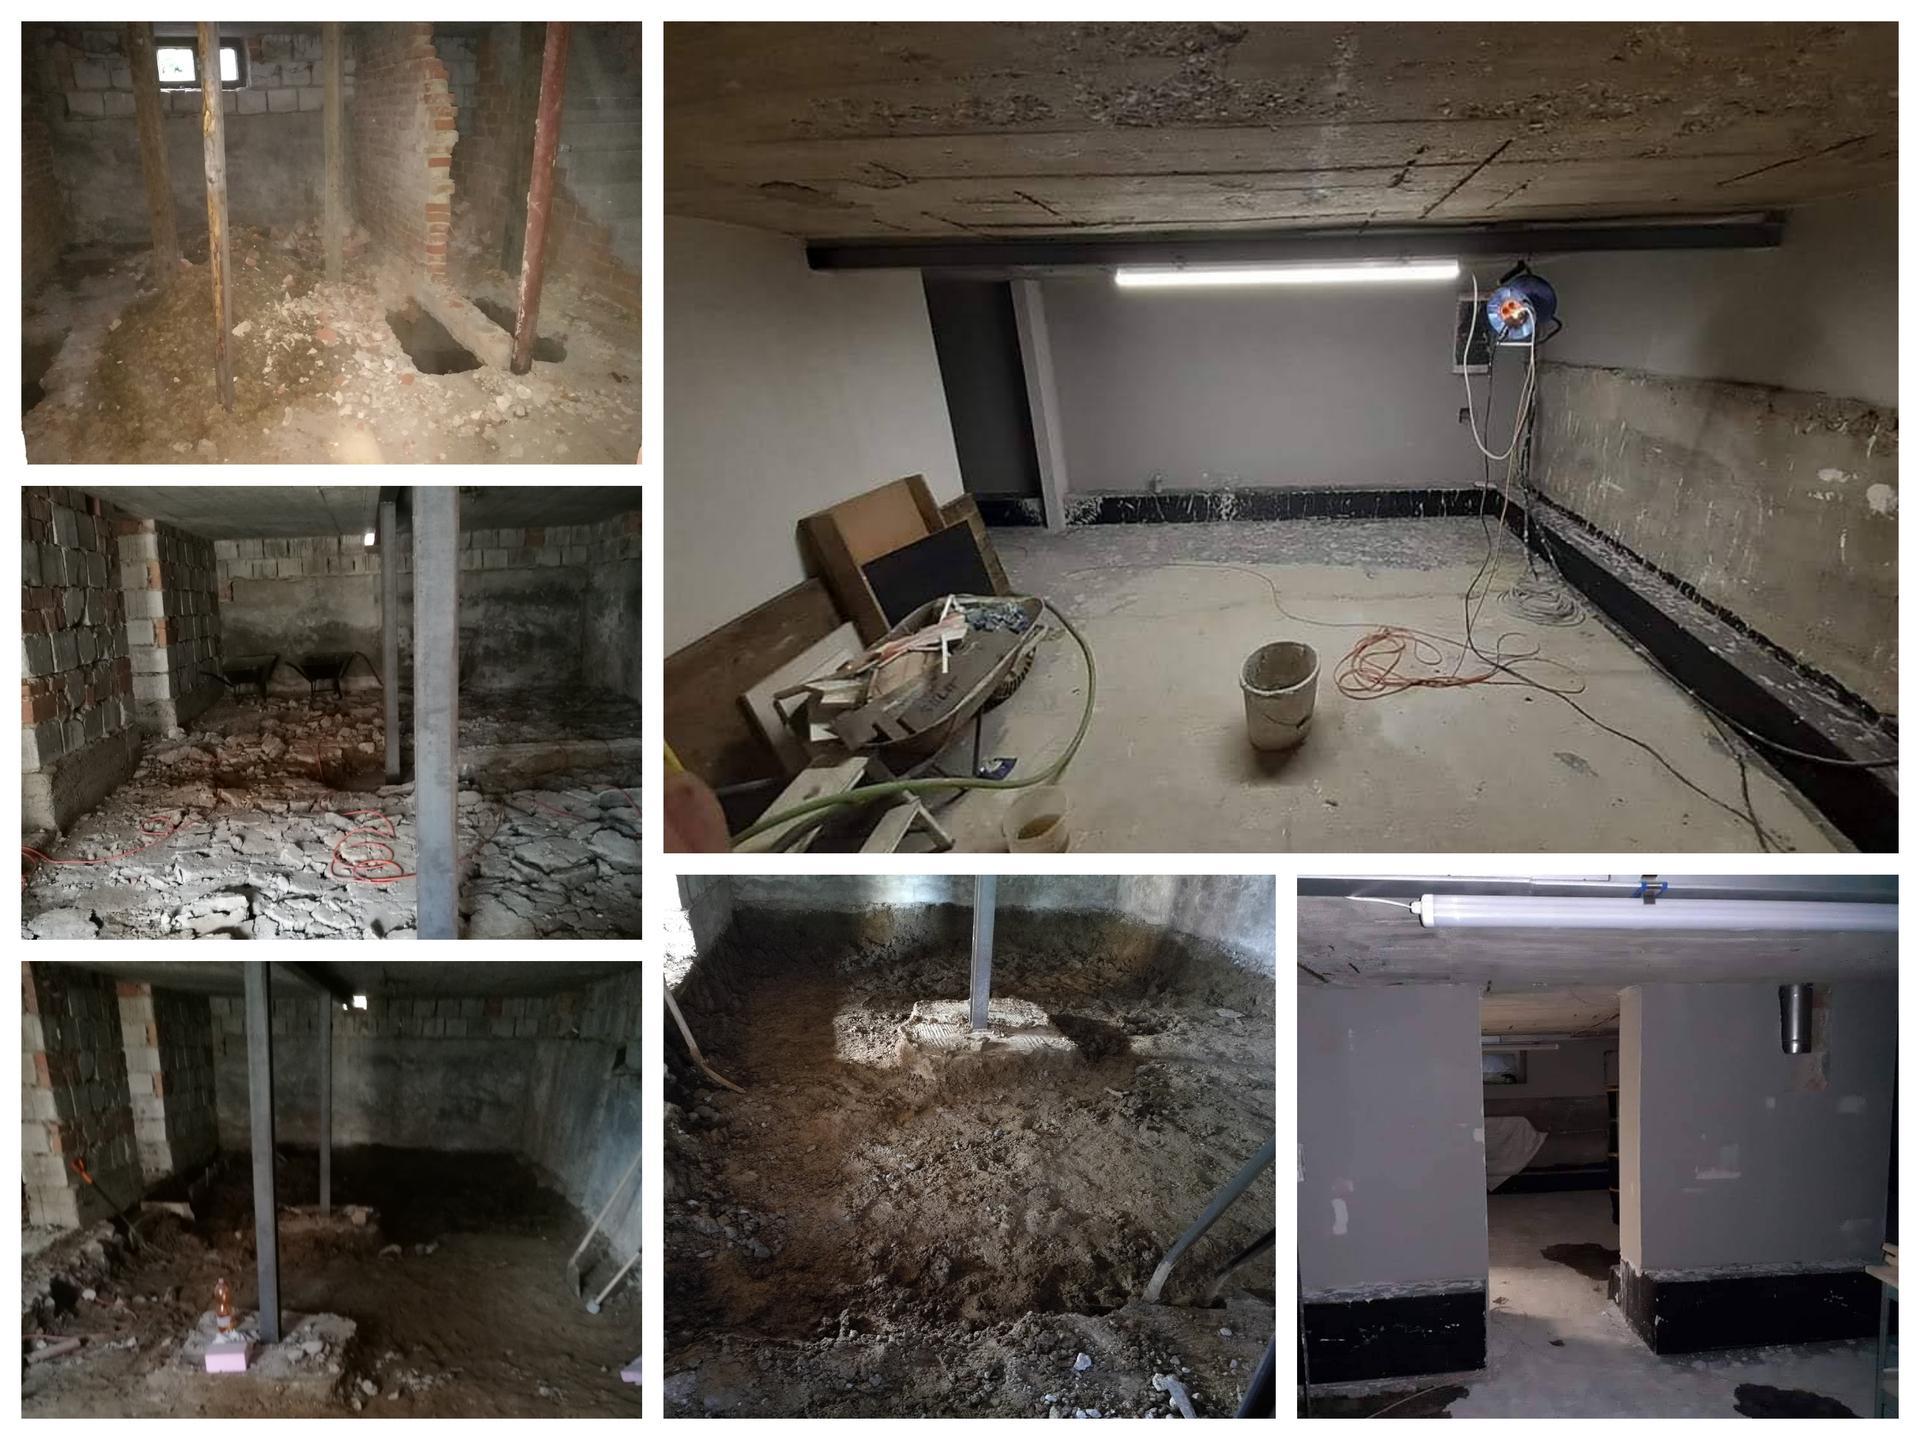 Rekonštrukcia veľmi starej stavby :) - Keďže je dom komplet podpivničený,museli sme sa chopiť prerábky i tam.Začali sme rozbitím pôvodného betónu,priečok+prehĺbenie,spravili sa pevné patky na konštrukciu,ktorá pre istotu podopiera celý dom..No a potom nová podlaha,priečky,omietky...